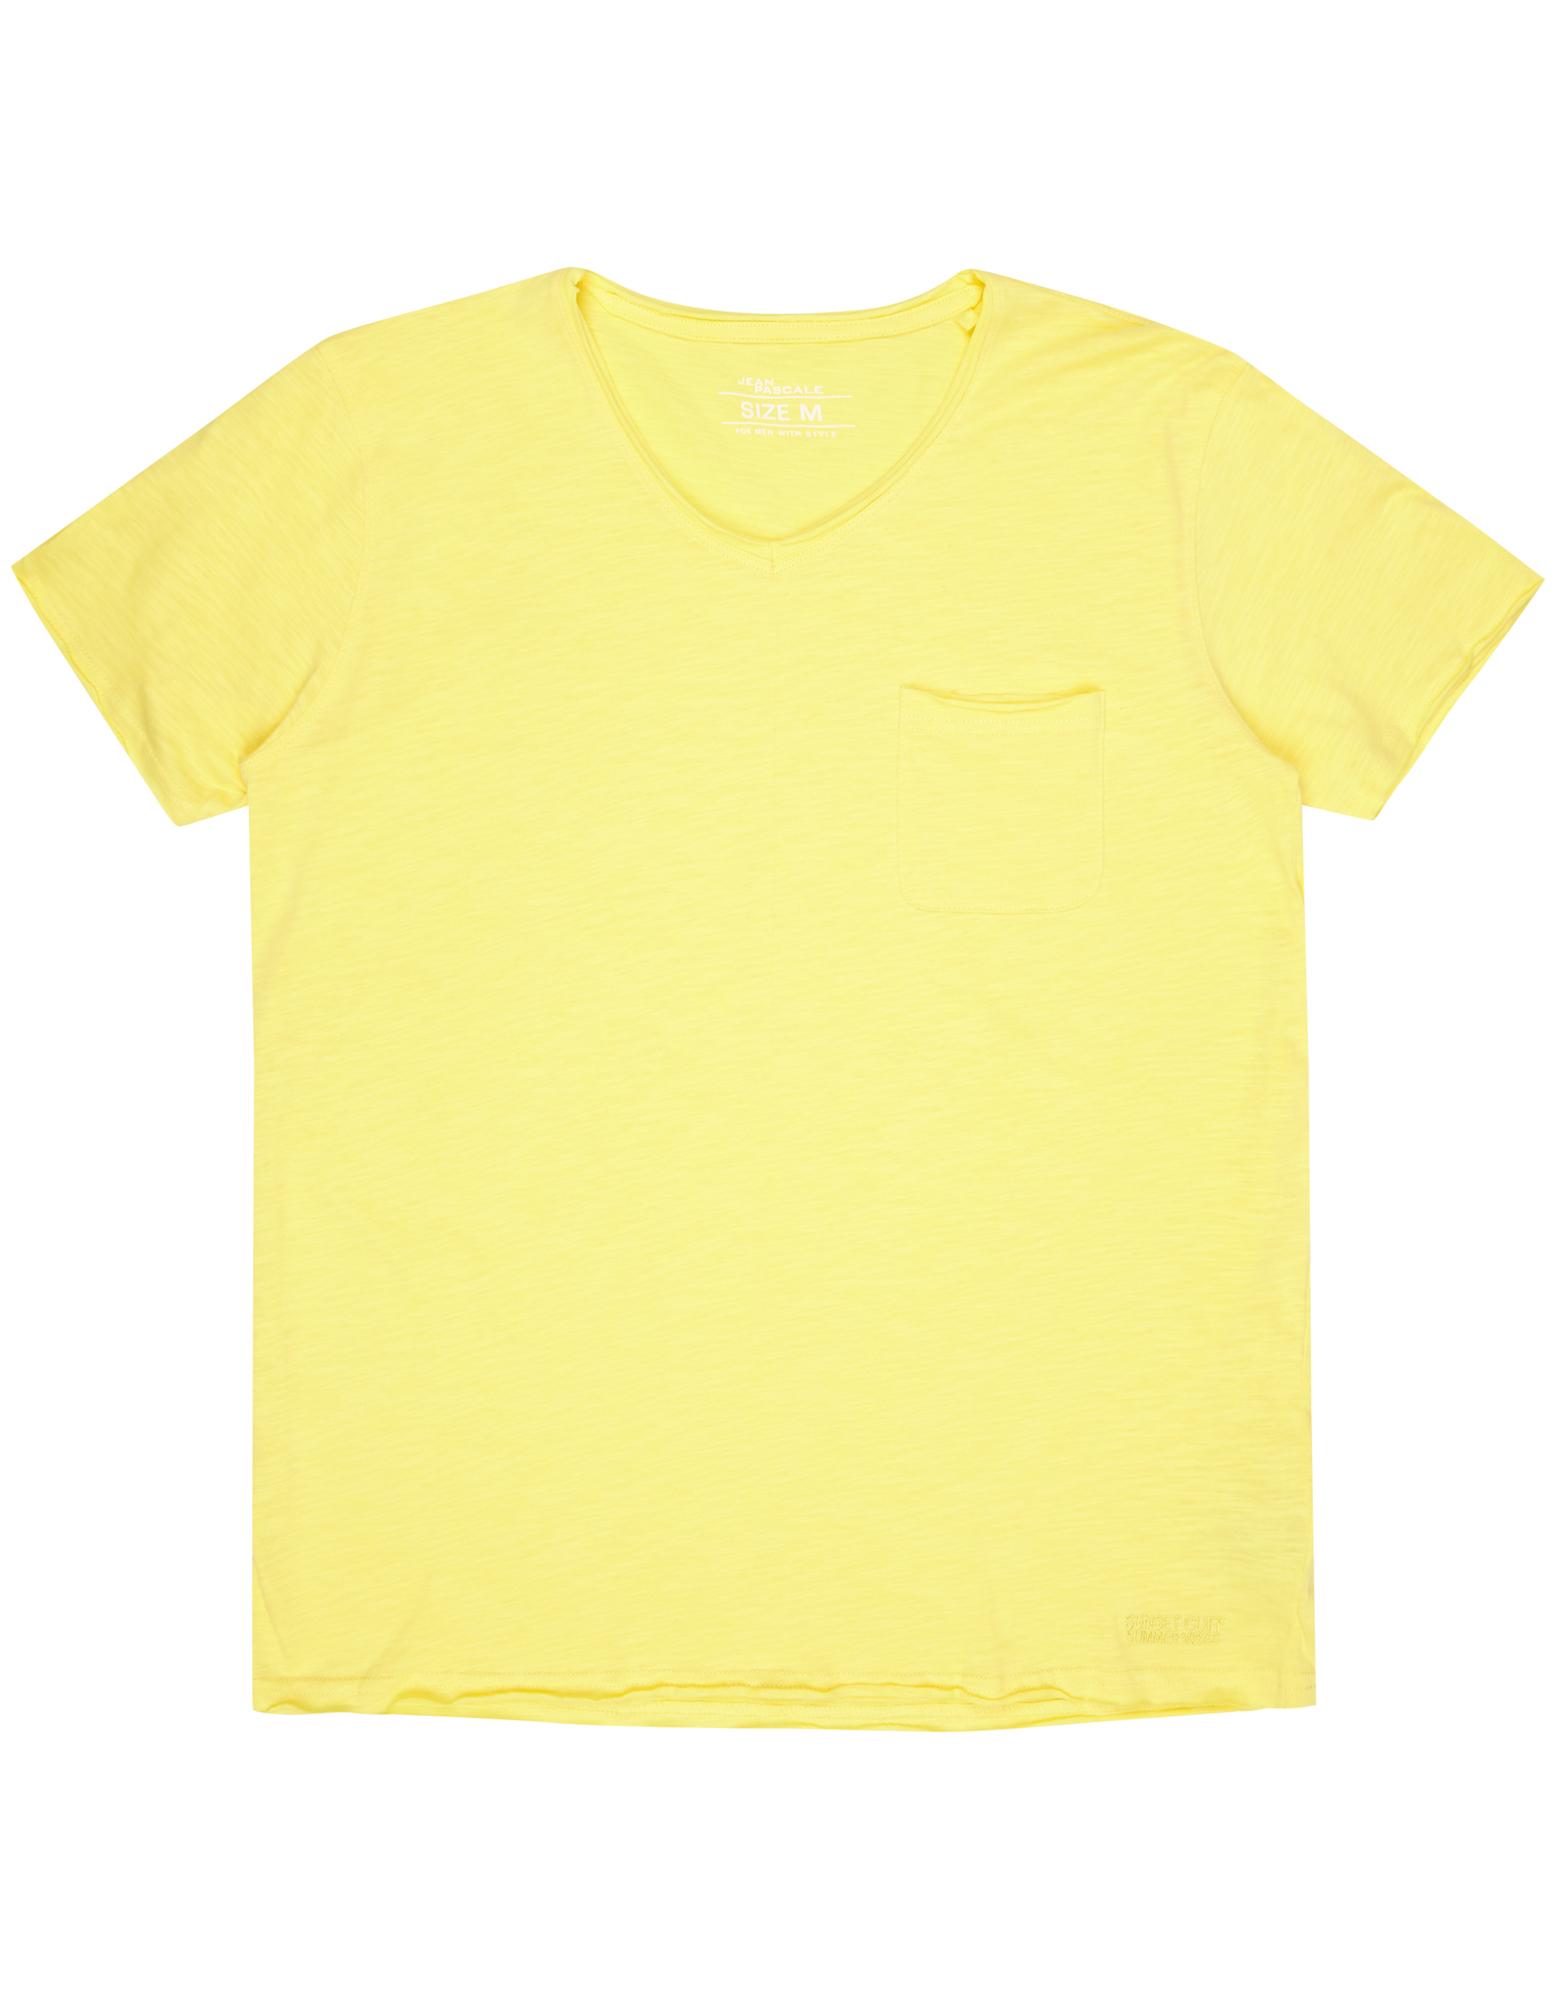 Herren T-Shirt mit V-Ausschnitt gelb   81464242250305